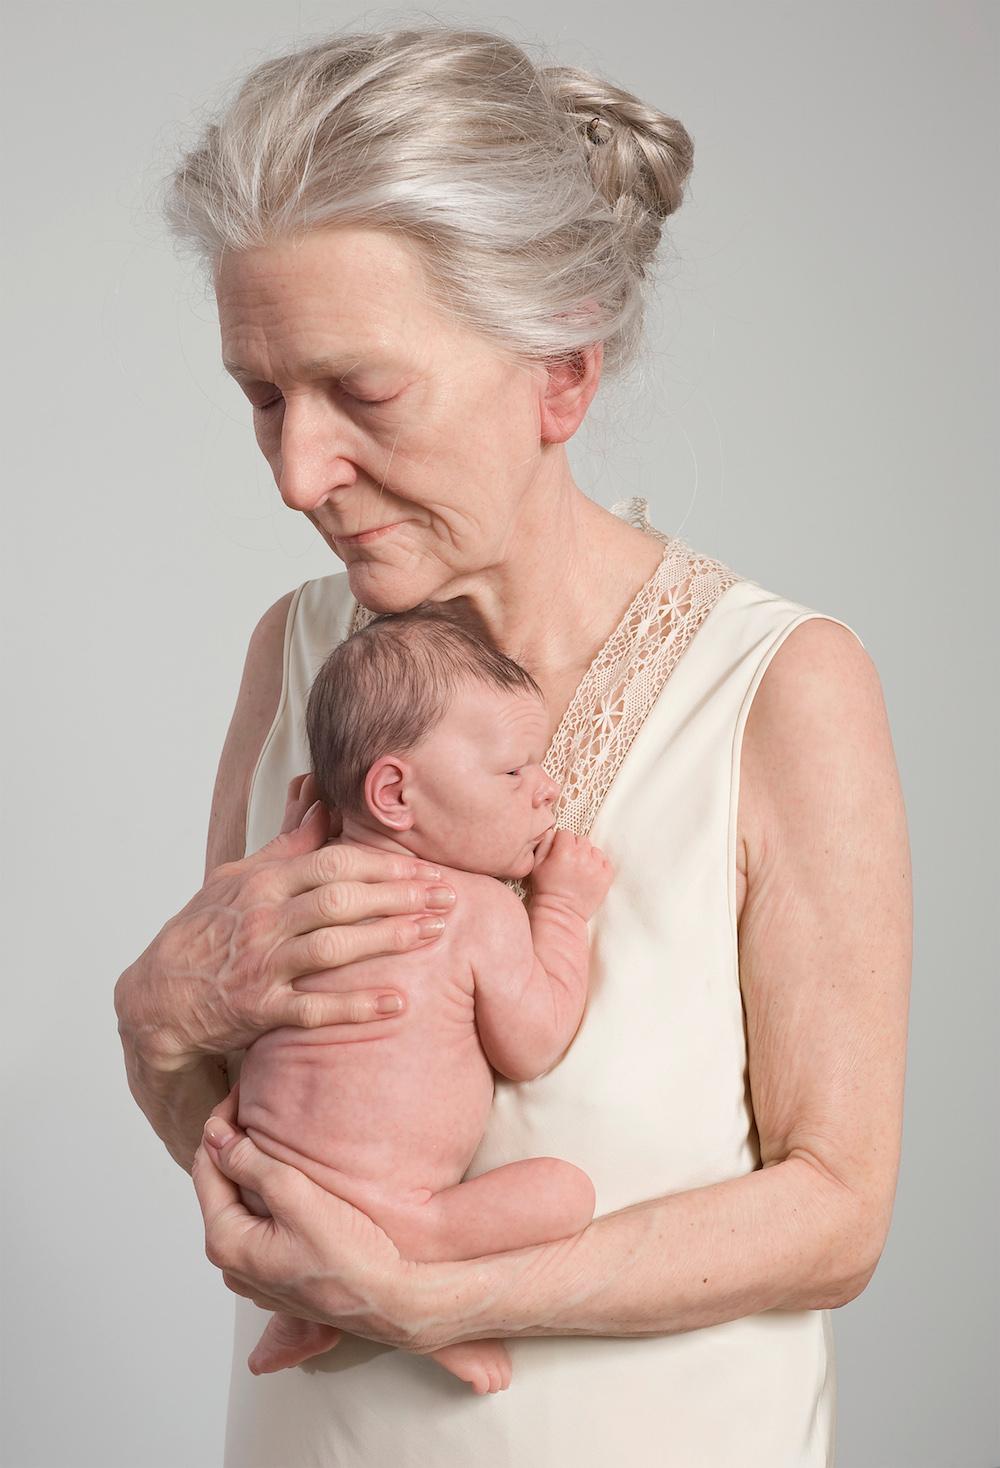 Sam Jinks,  Kvinde og barn , 2010. Courtesy kunstneren og Sullivan+Strumpf, Sydney